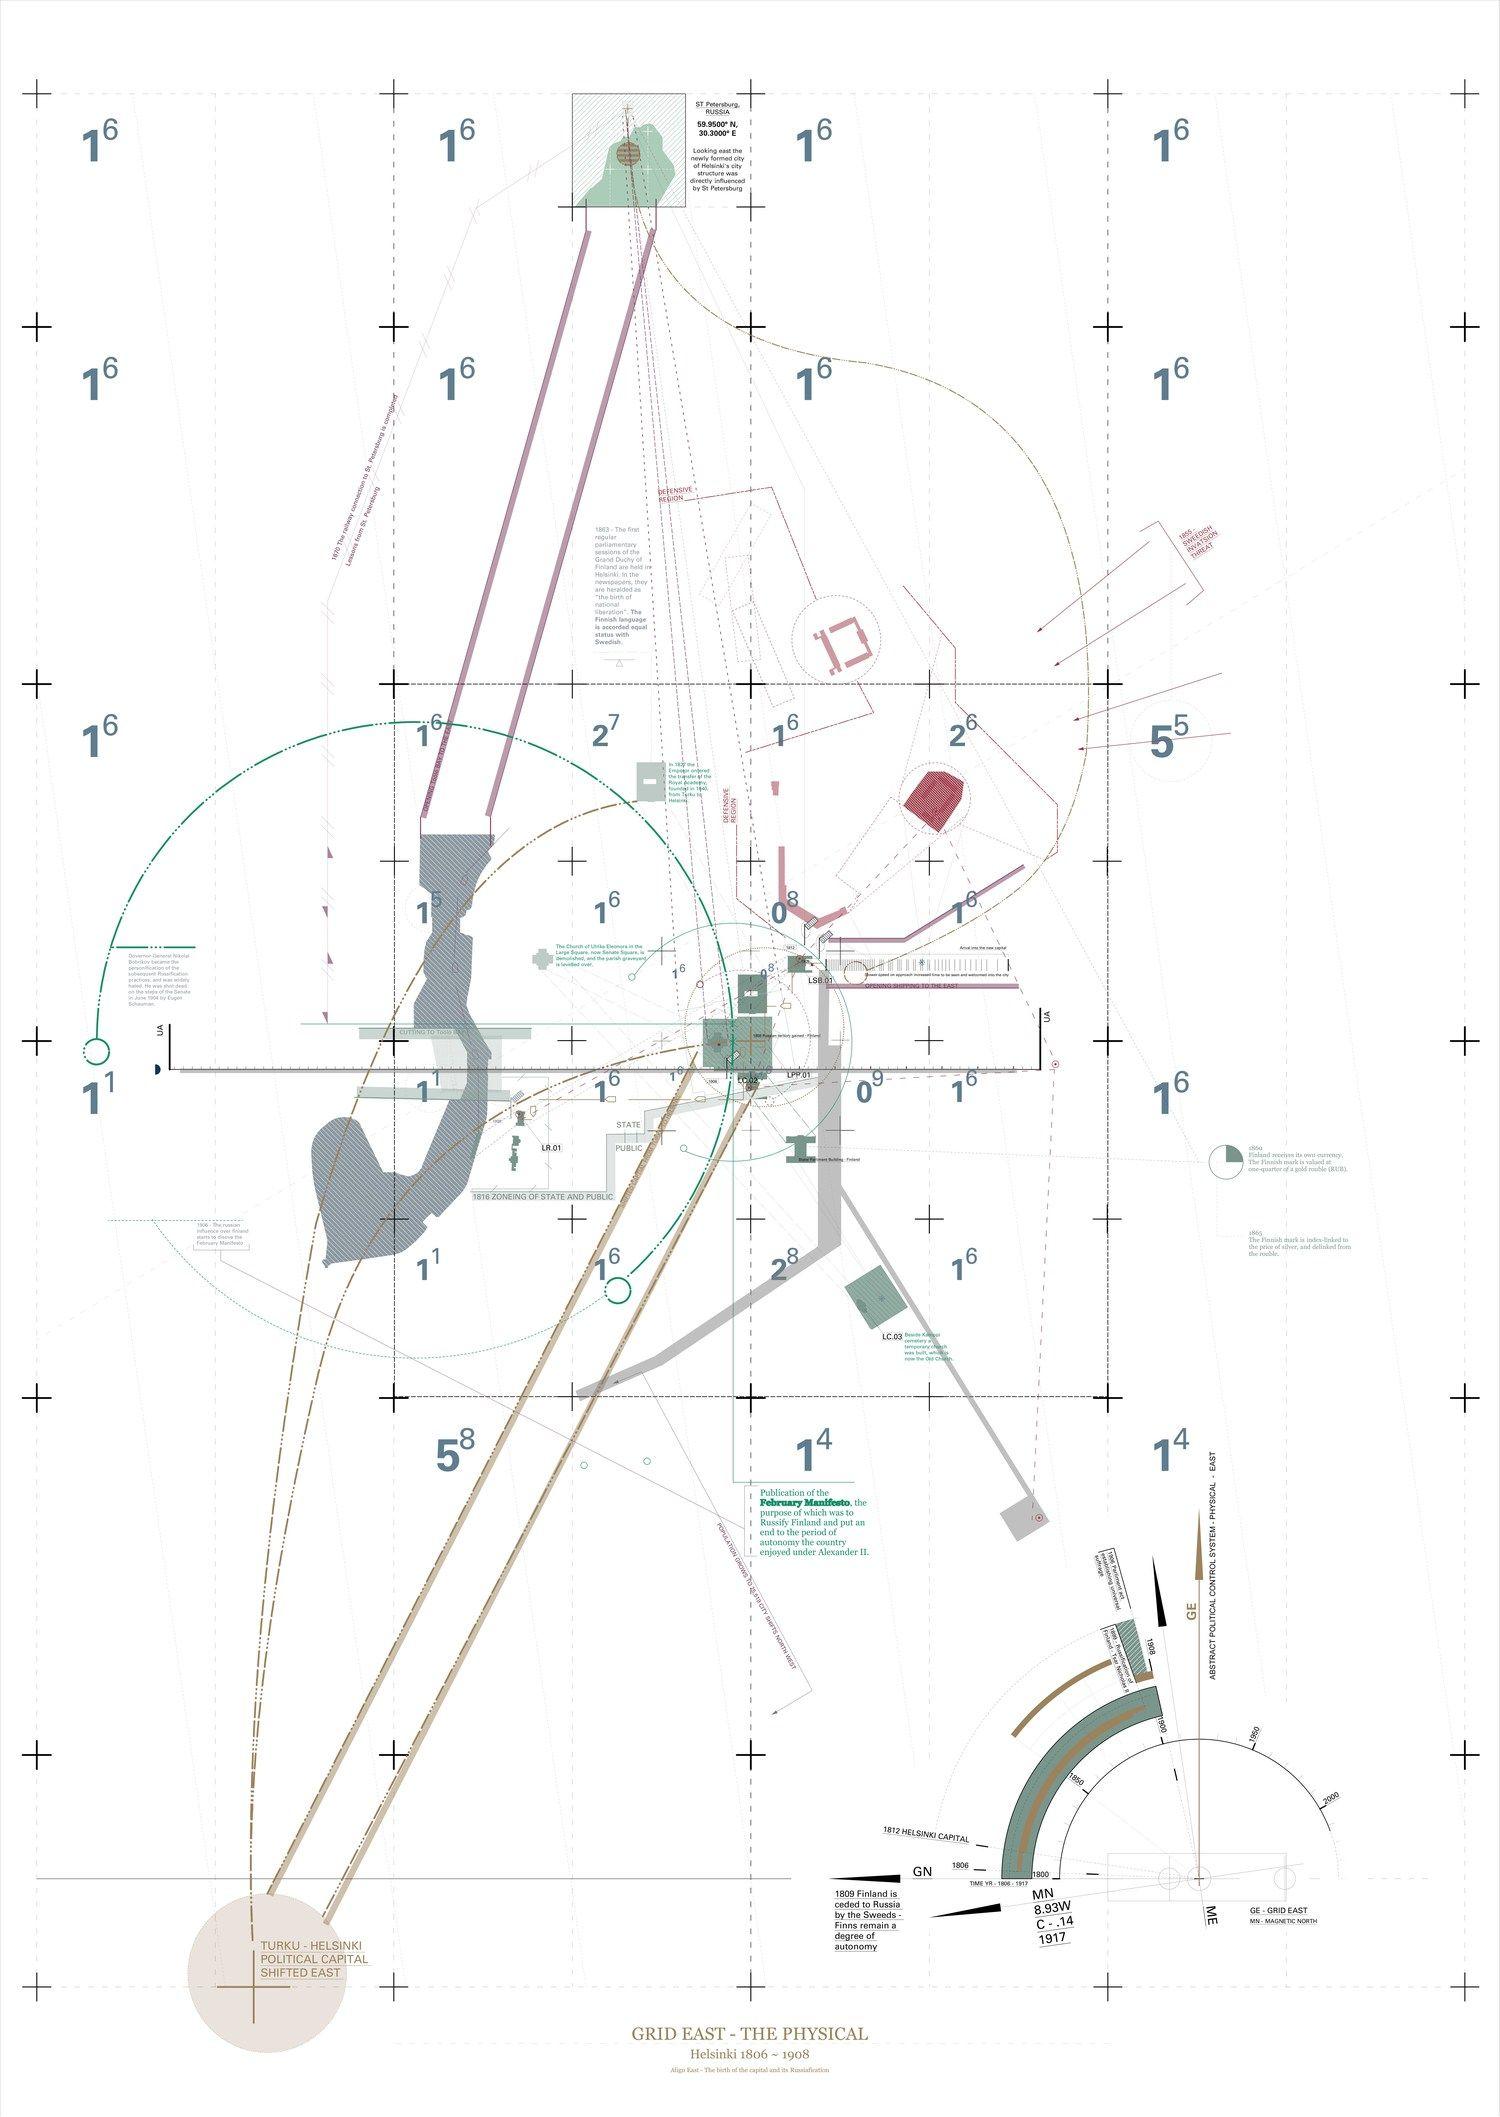 Epingle Par Joseph Tawite Sur Architecture Mapping